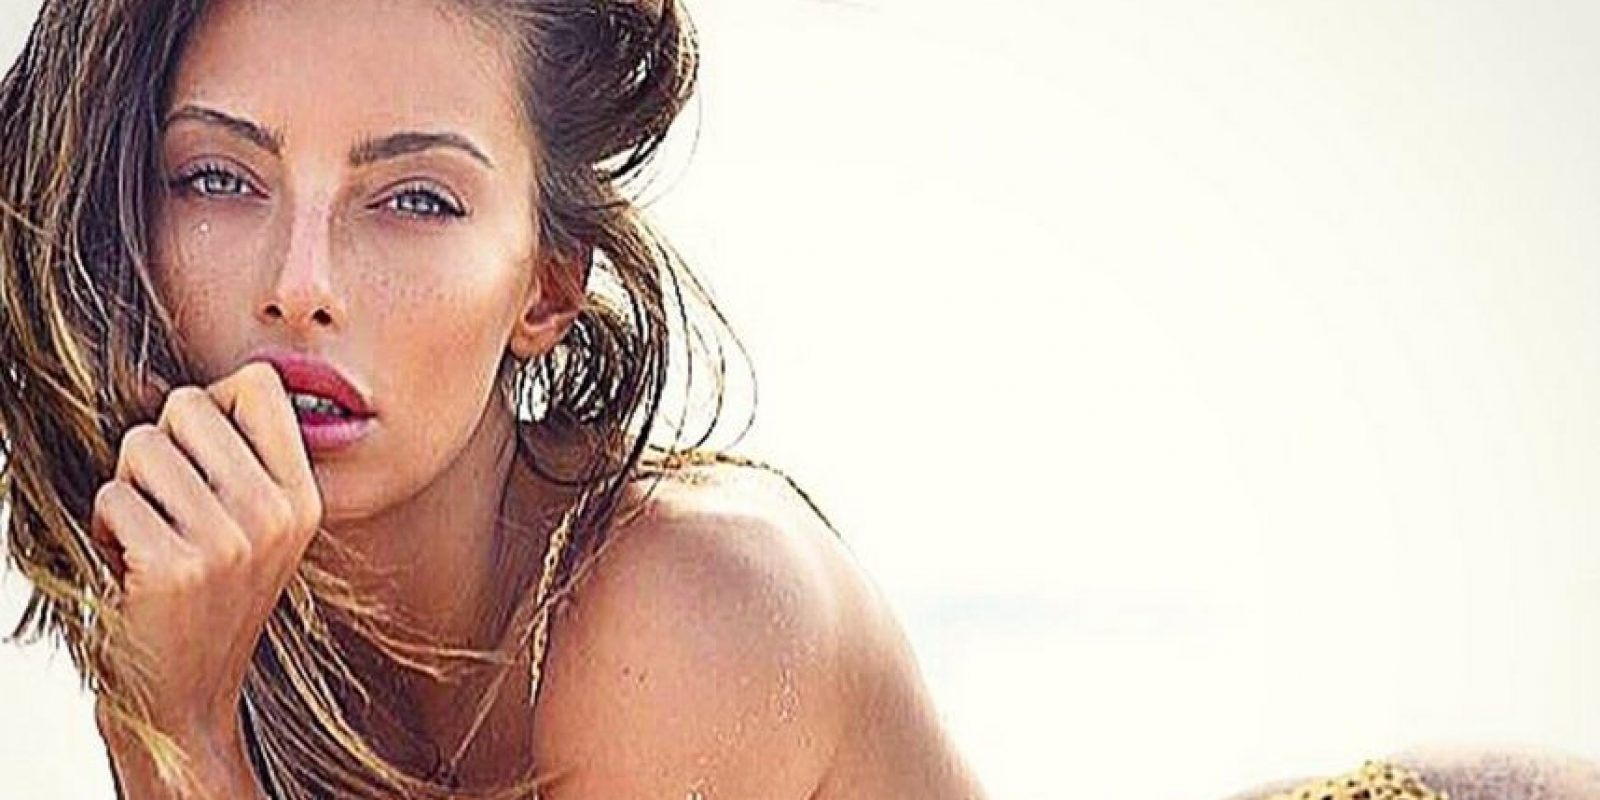 Participó en el concurso Miss Italia en 2011 Foto:Vía instagram.com/alessiatedeschi91